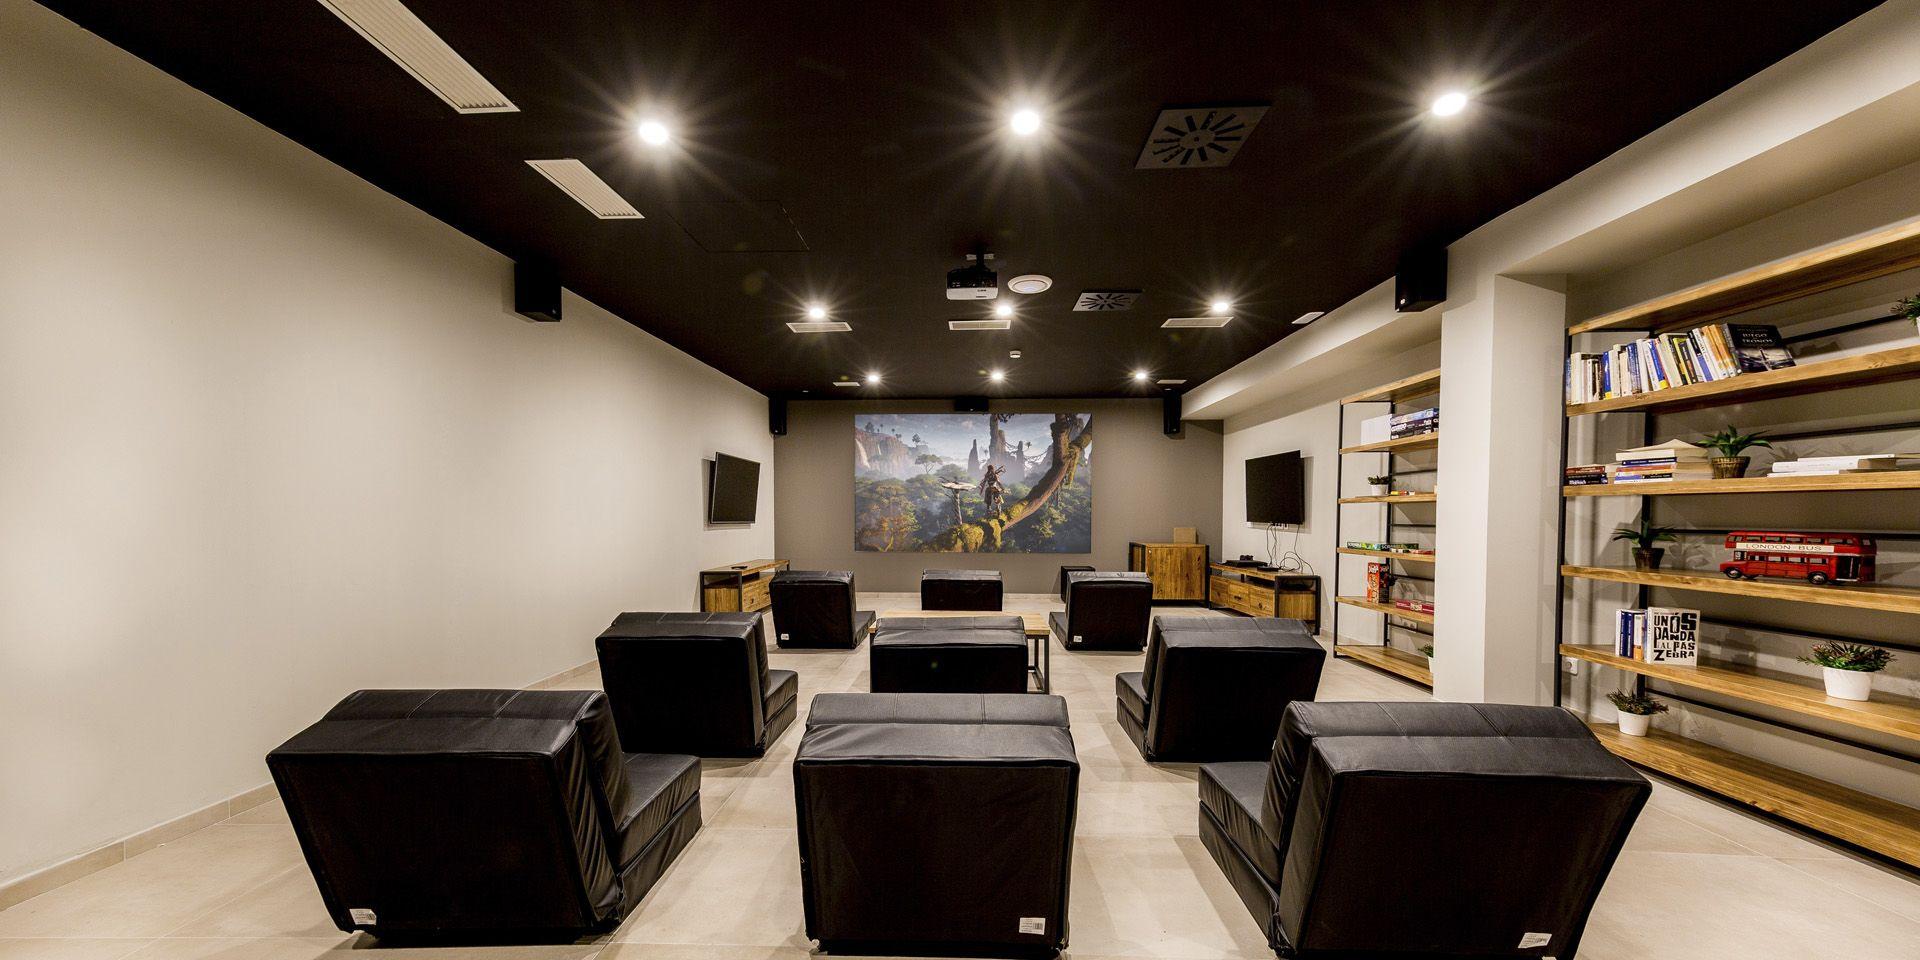 SALA POLIVALENT: CINEMA